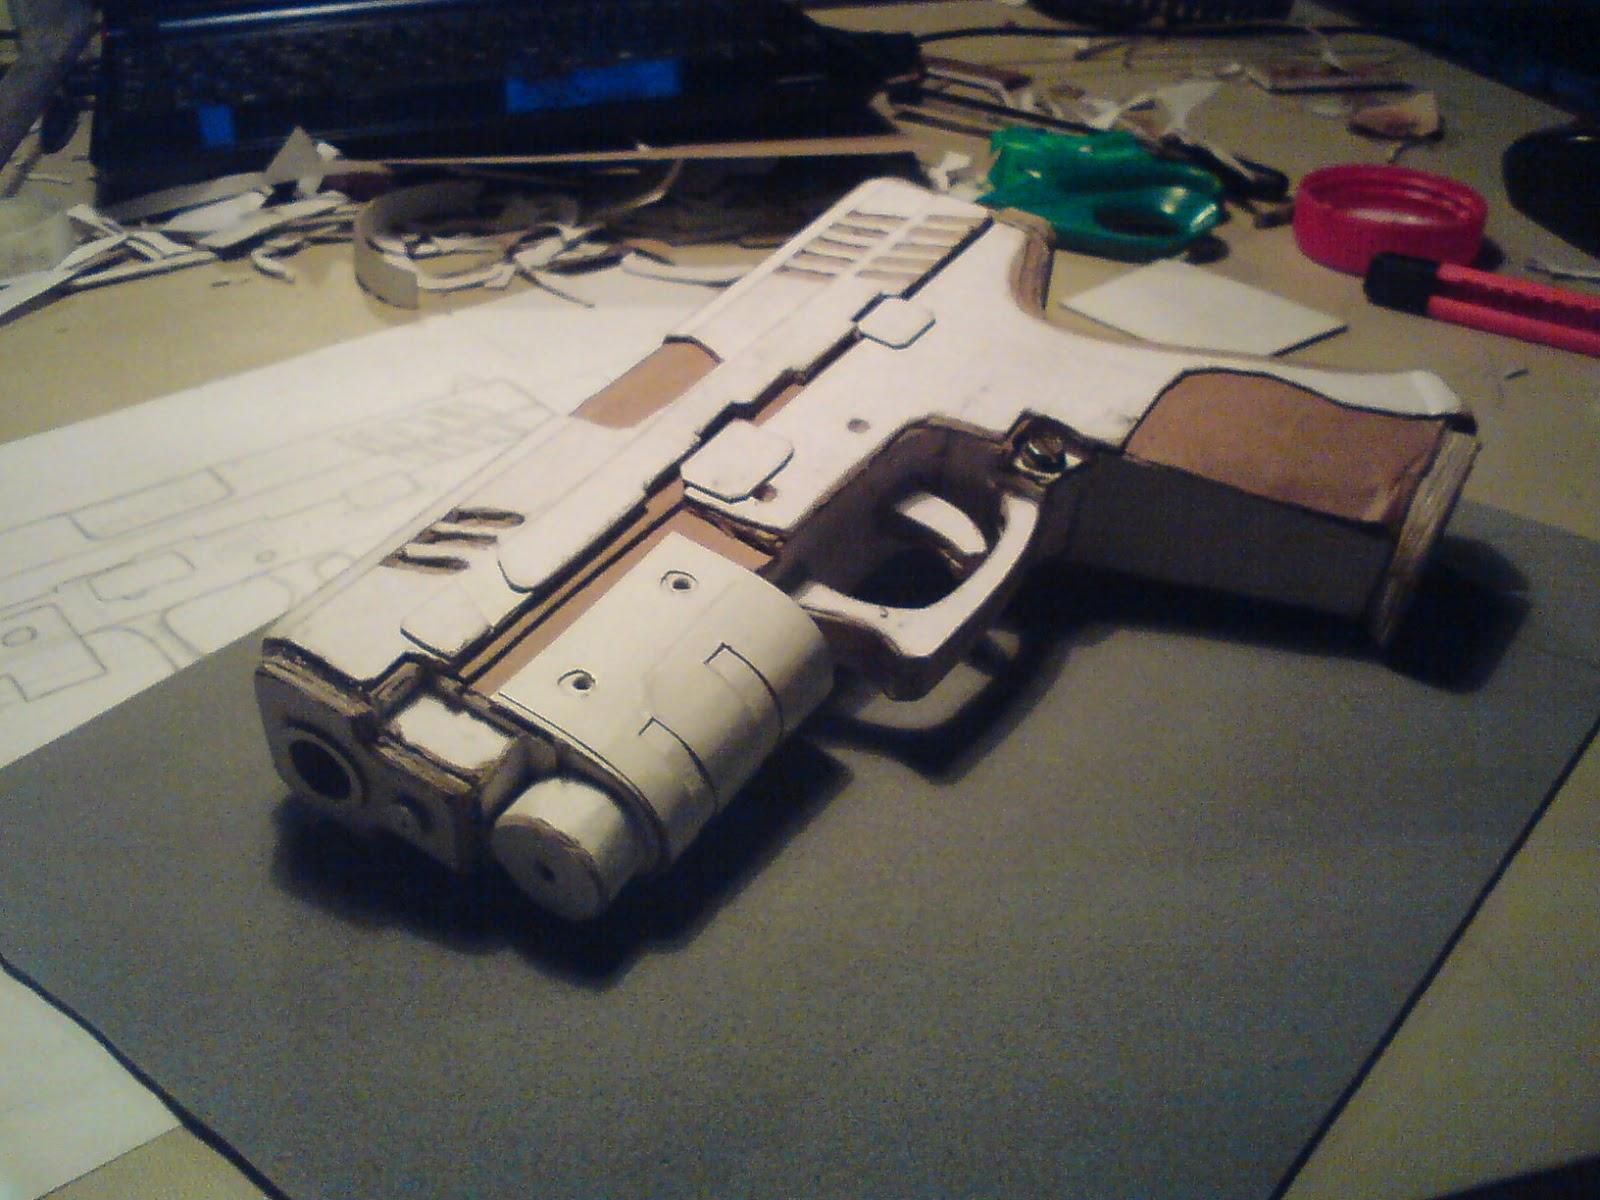 Pistola Blacktail - Resident Evil DSC04452